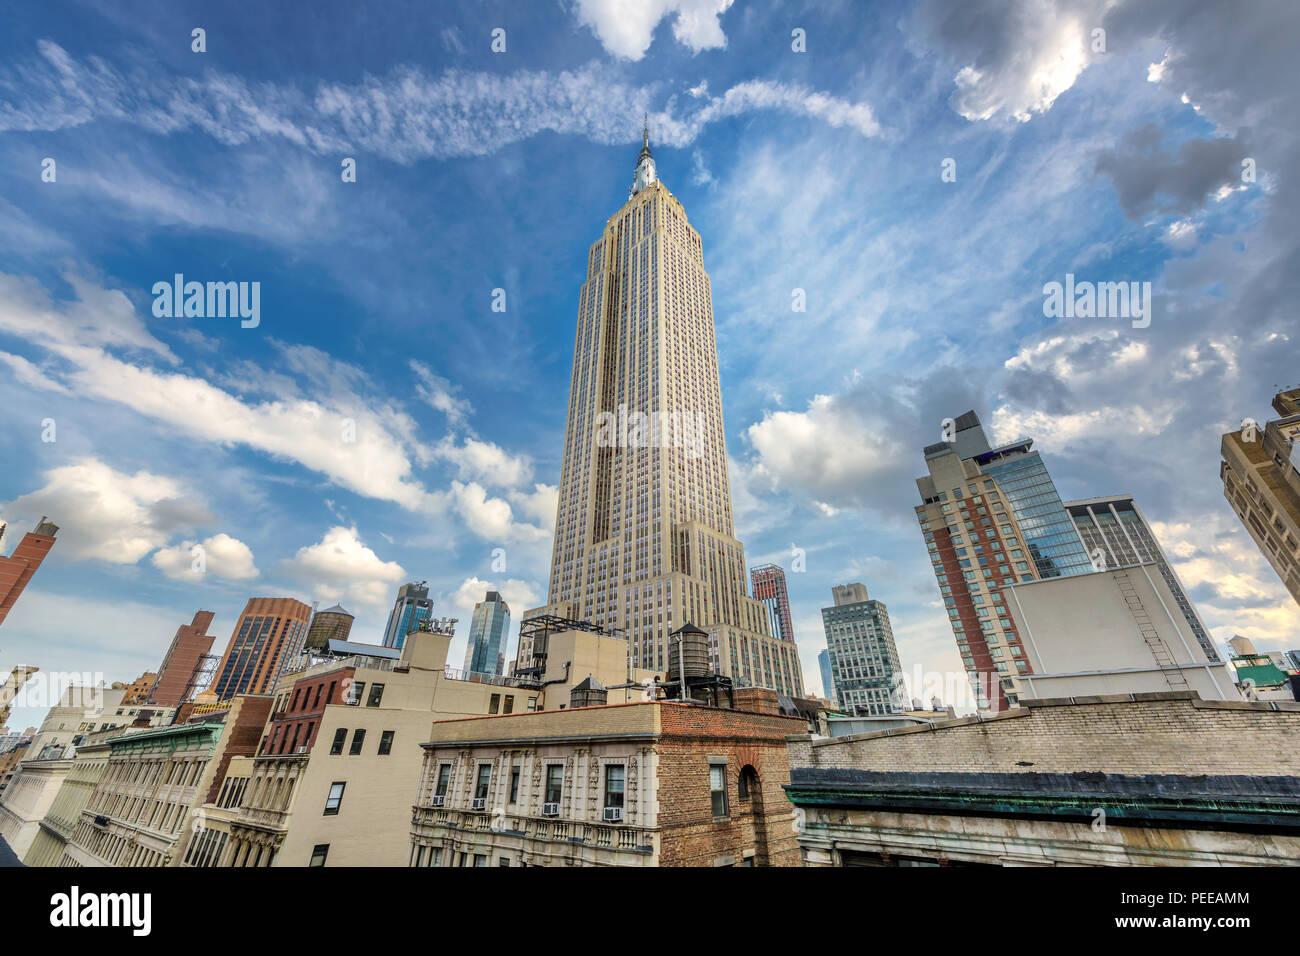 El Empire State Building, en Manhattan, Nueva York Imagen De Stock